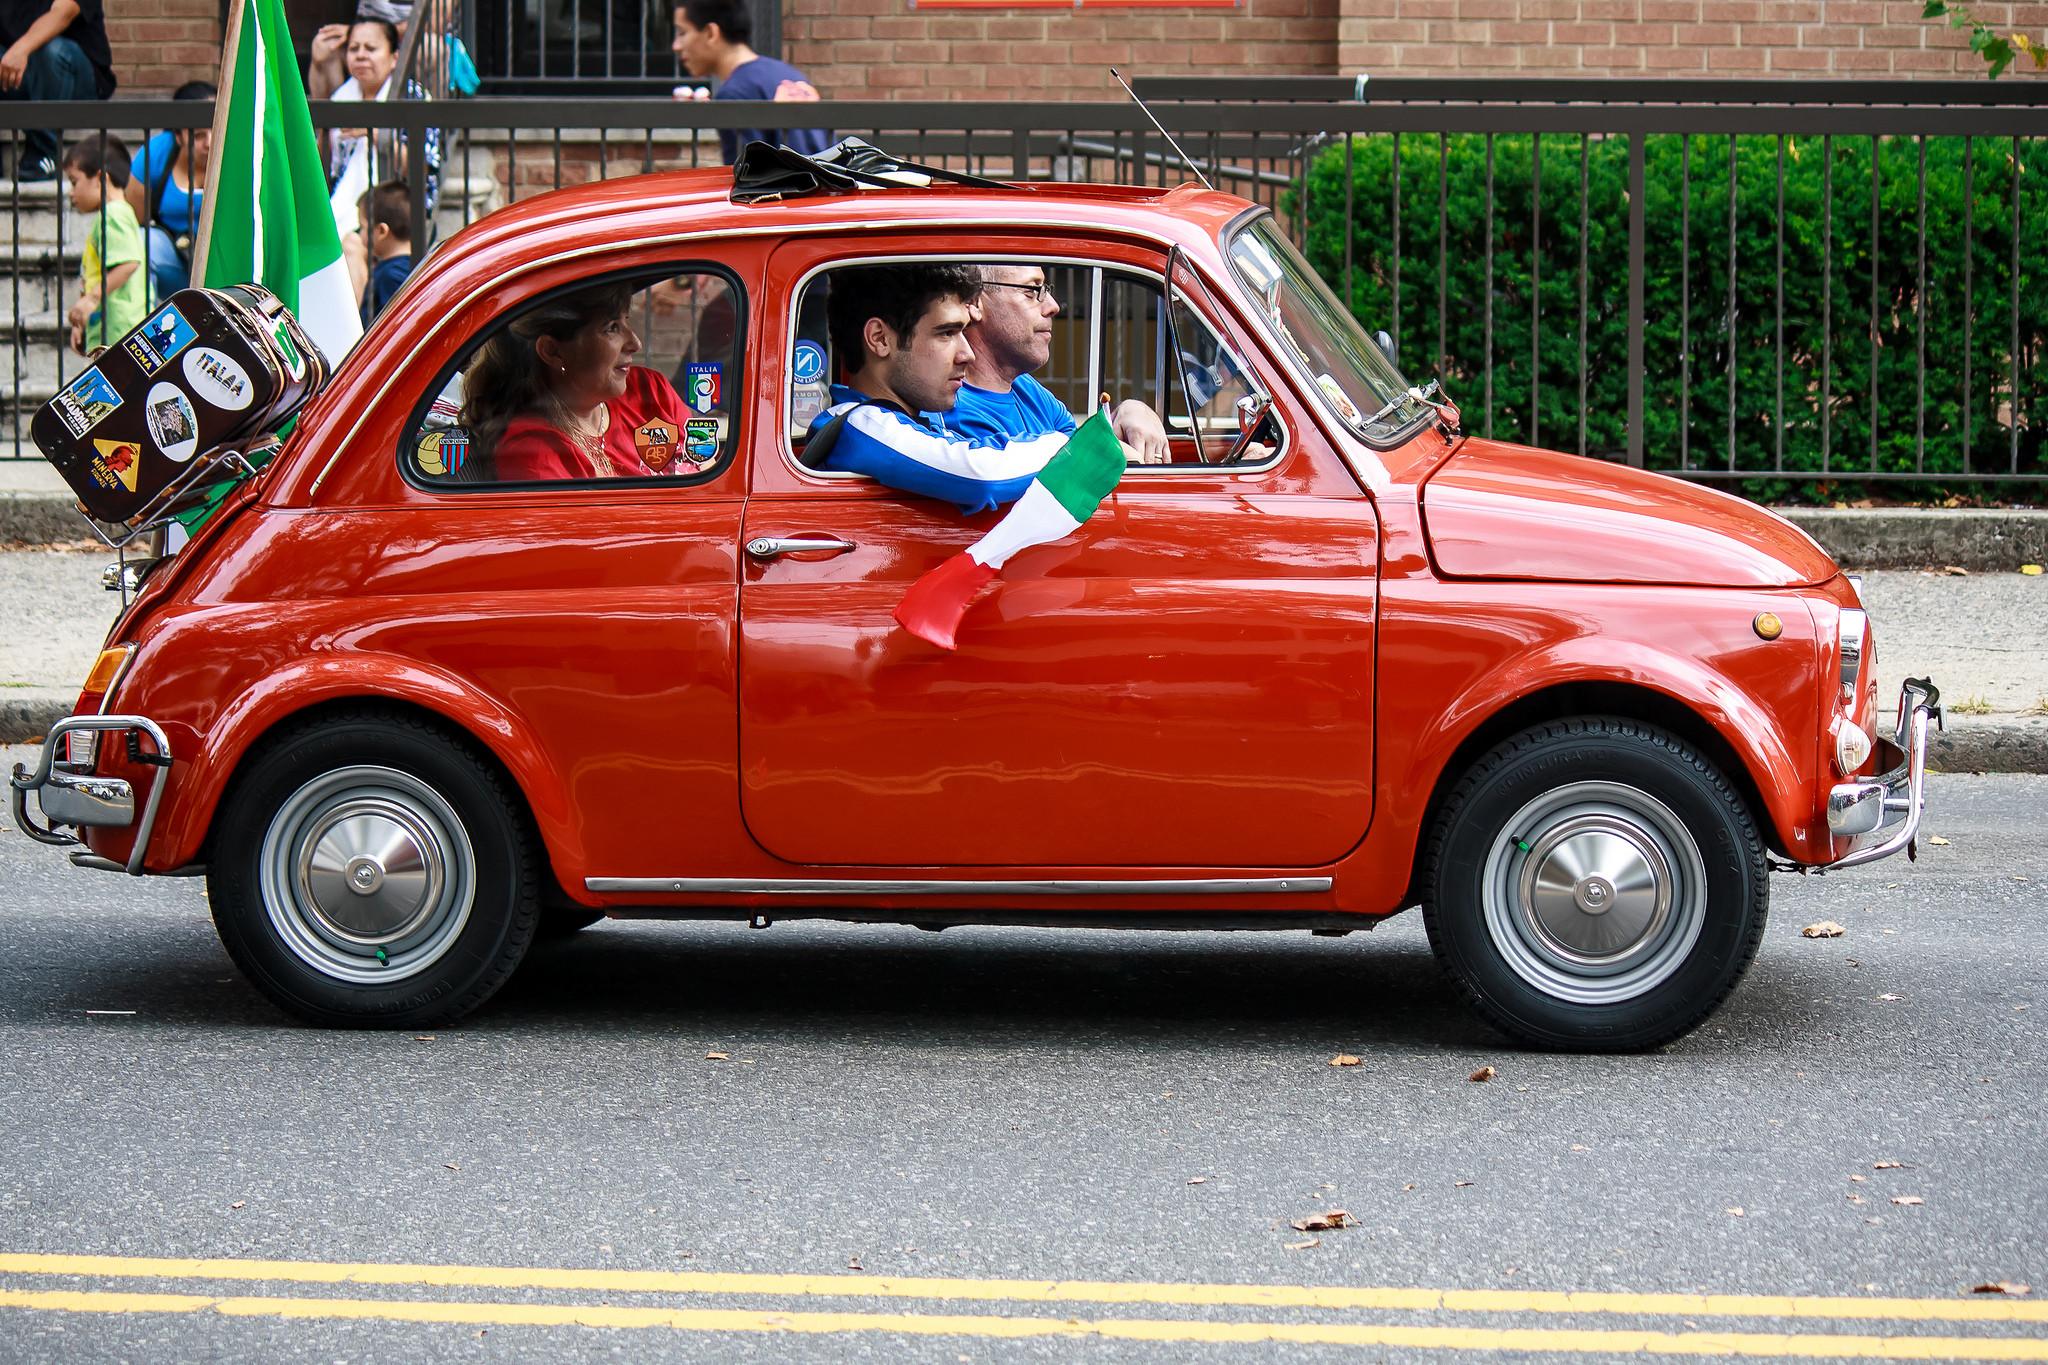 Італія визнала українські водійські права